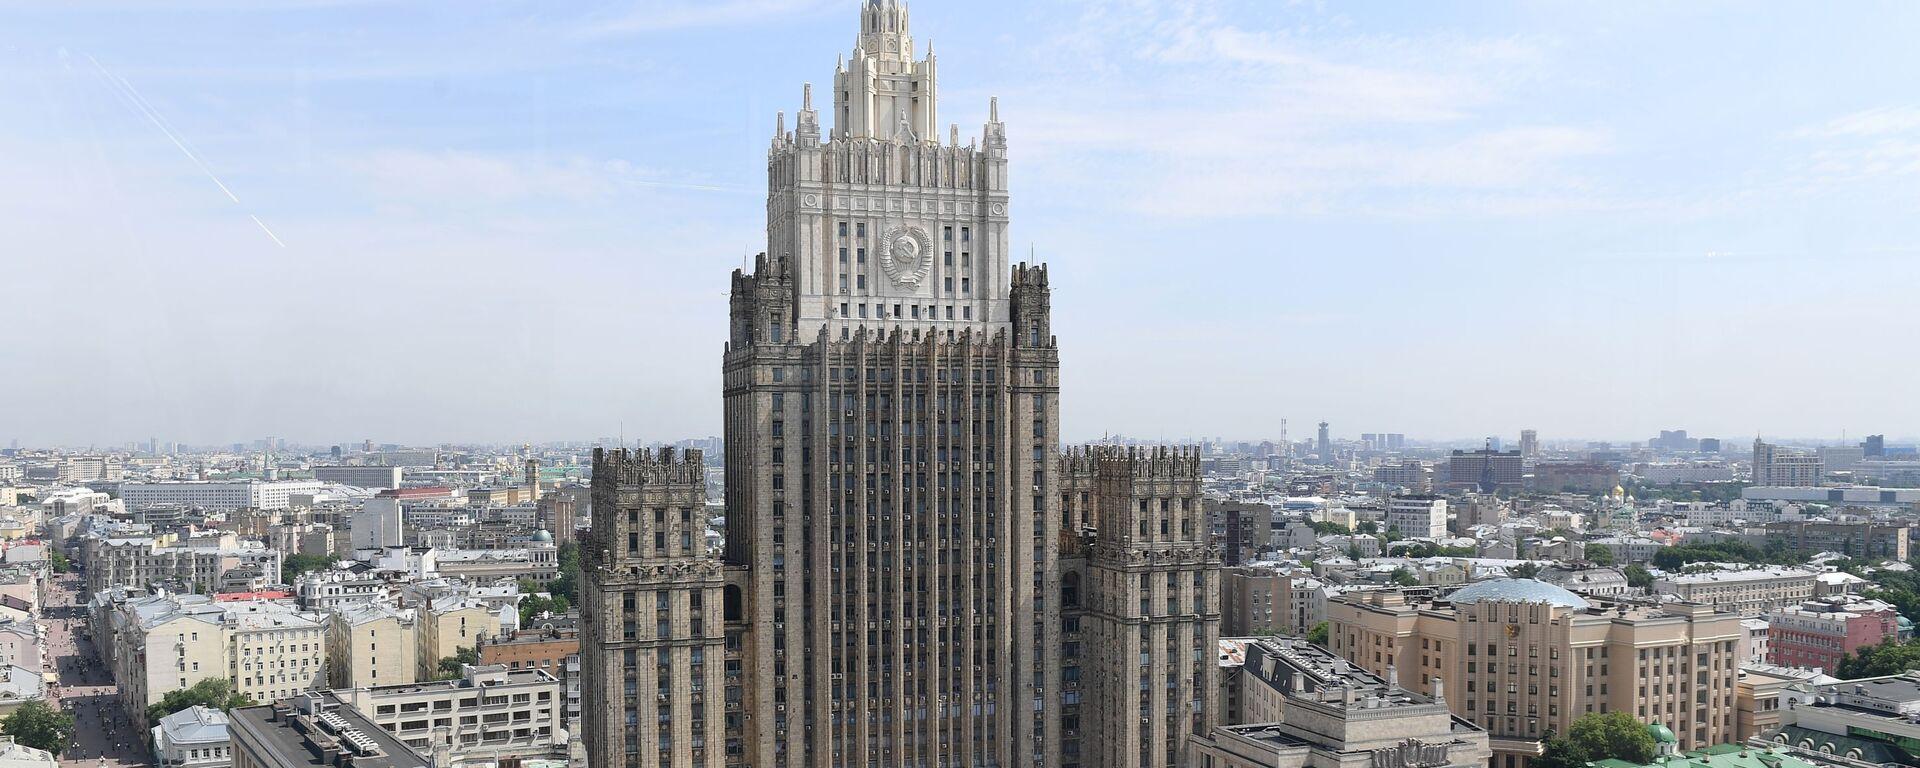 Zgrada Ministarstva spoljnih poslova Rusije  - Sputnik Srbija, 1920, 28.09.2021